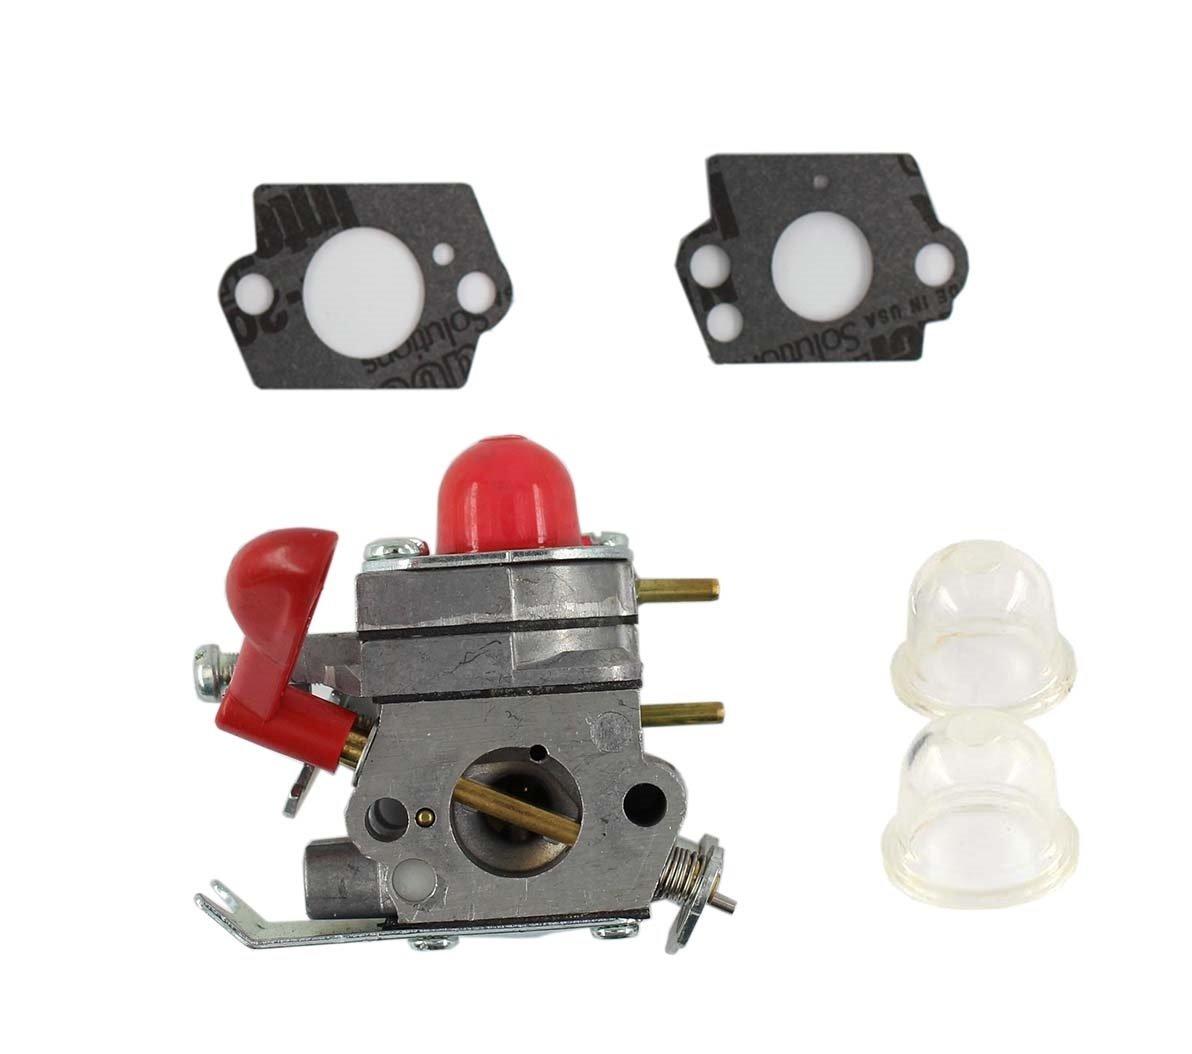 MOTOKU Carburetor for Craftsman Poulan Weedeater Husqvarna PP025 PP125  PP25E PP325 P4500 P4500F Trimmer PP258TP PP133 PP125 Carb